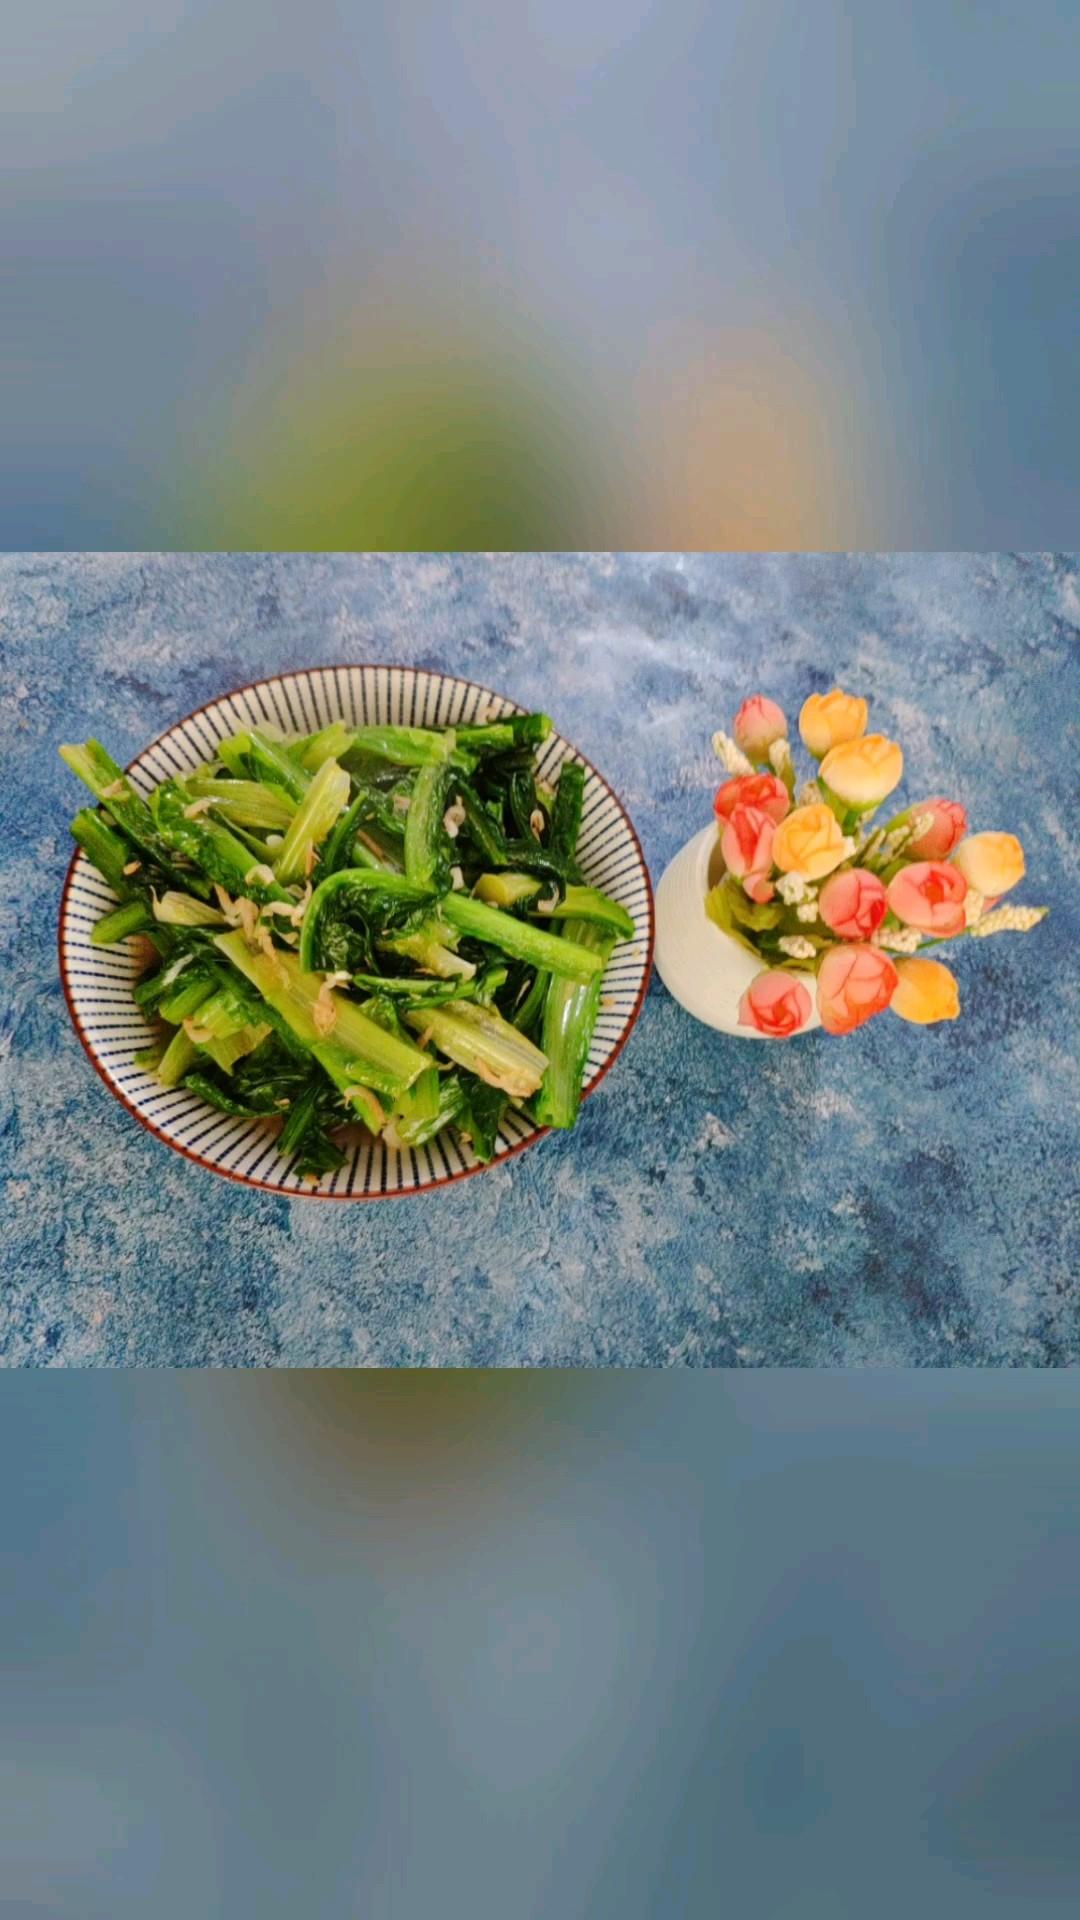 虾皮炒油麦菜的做法【步骤图】